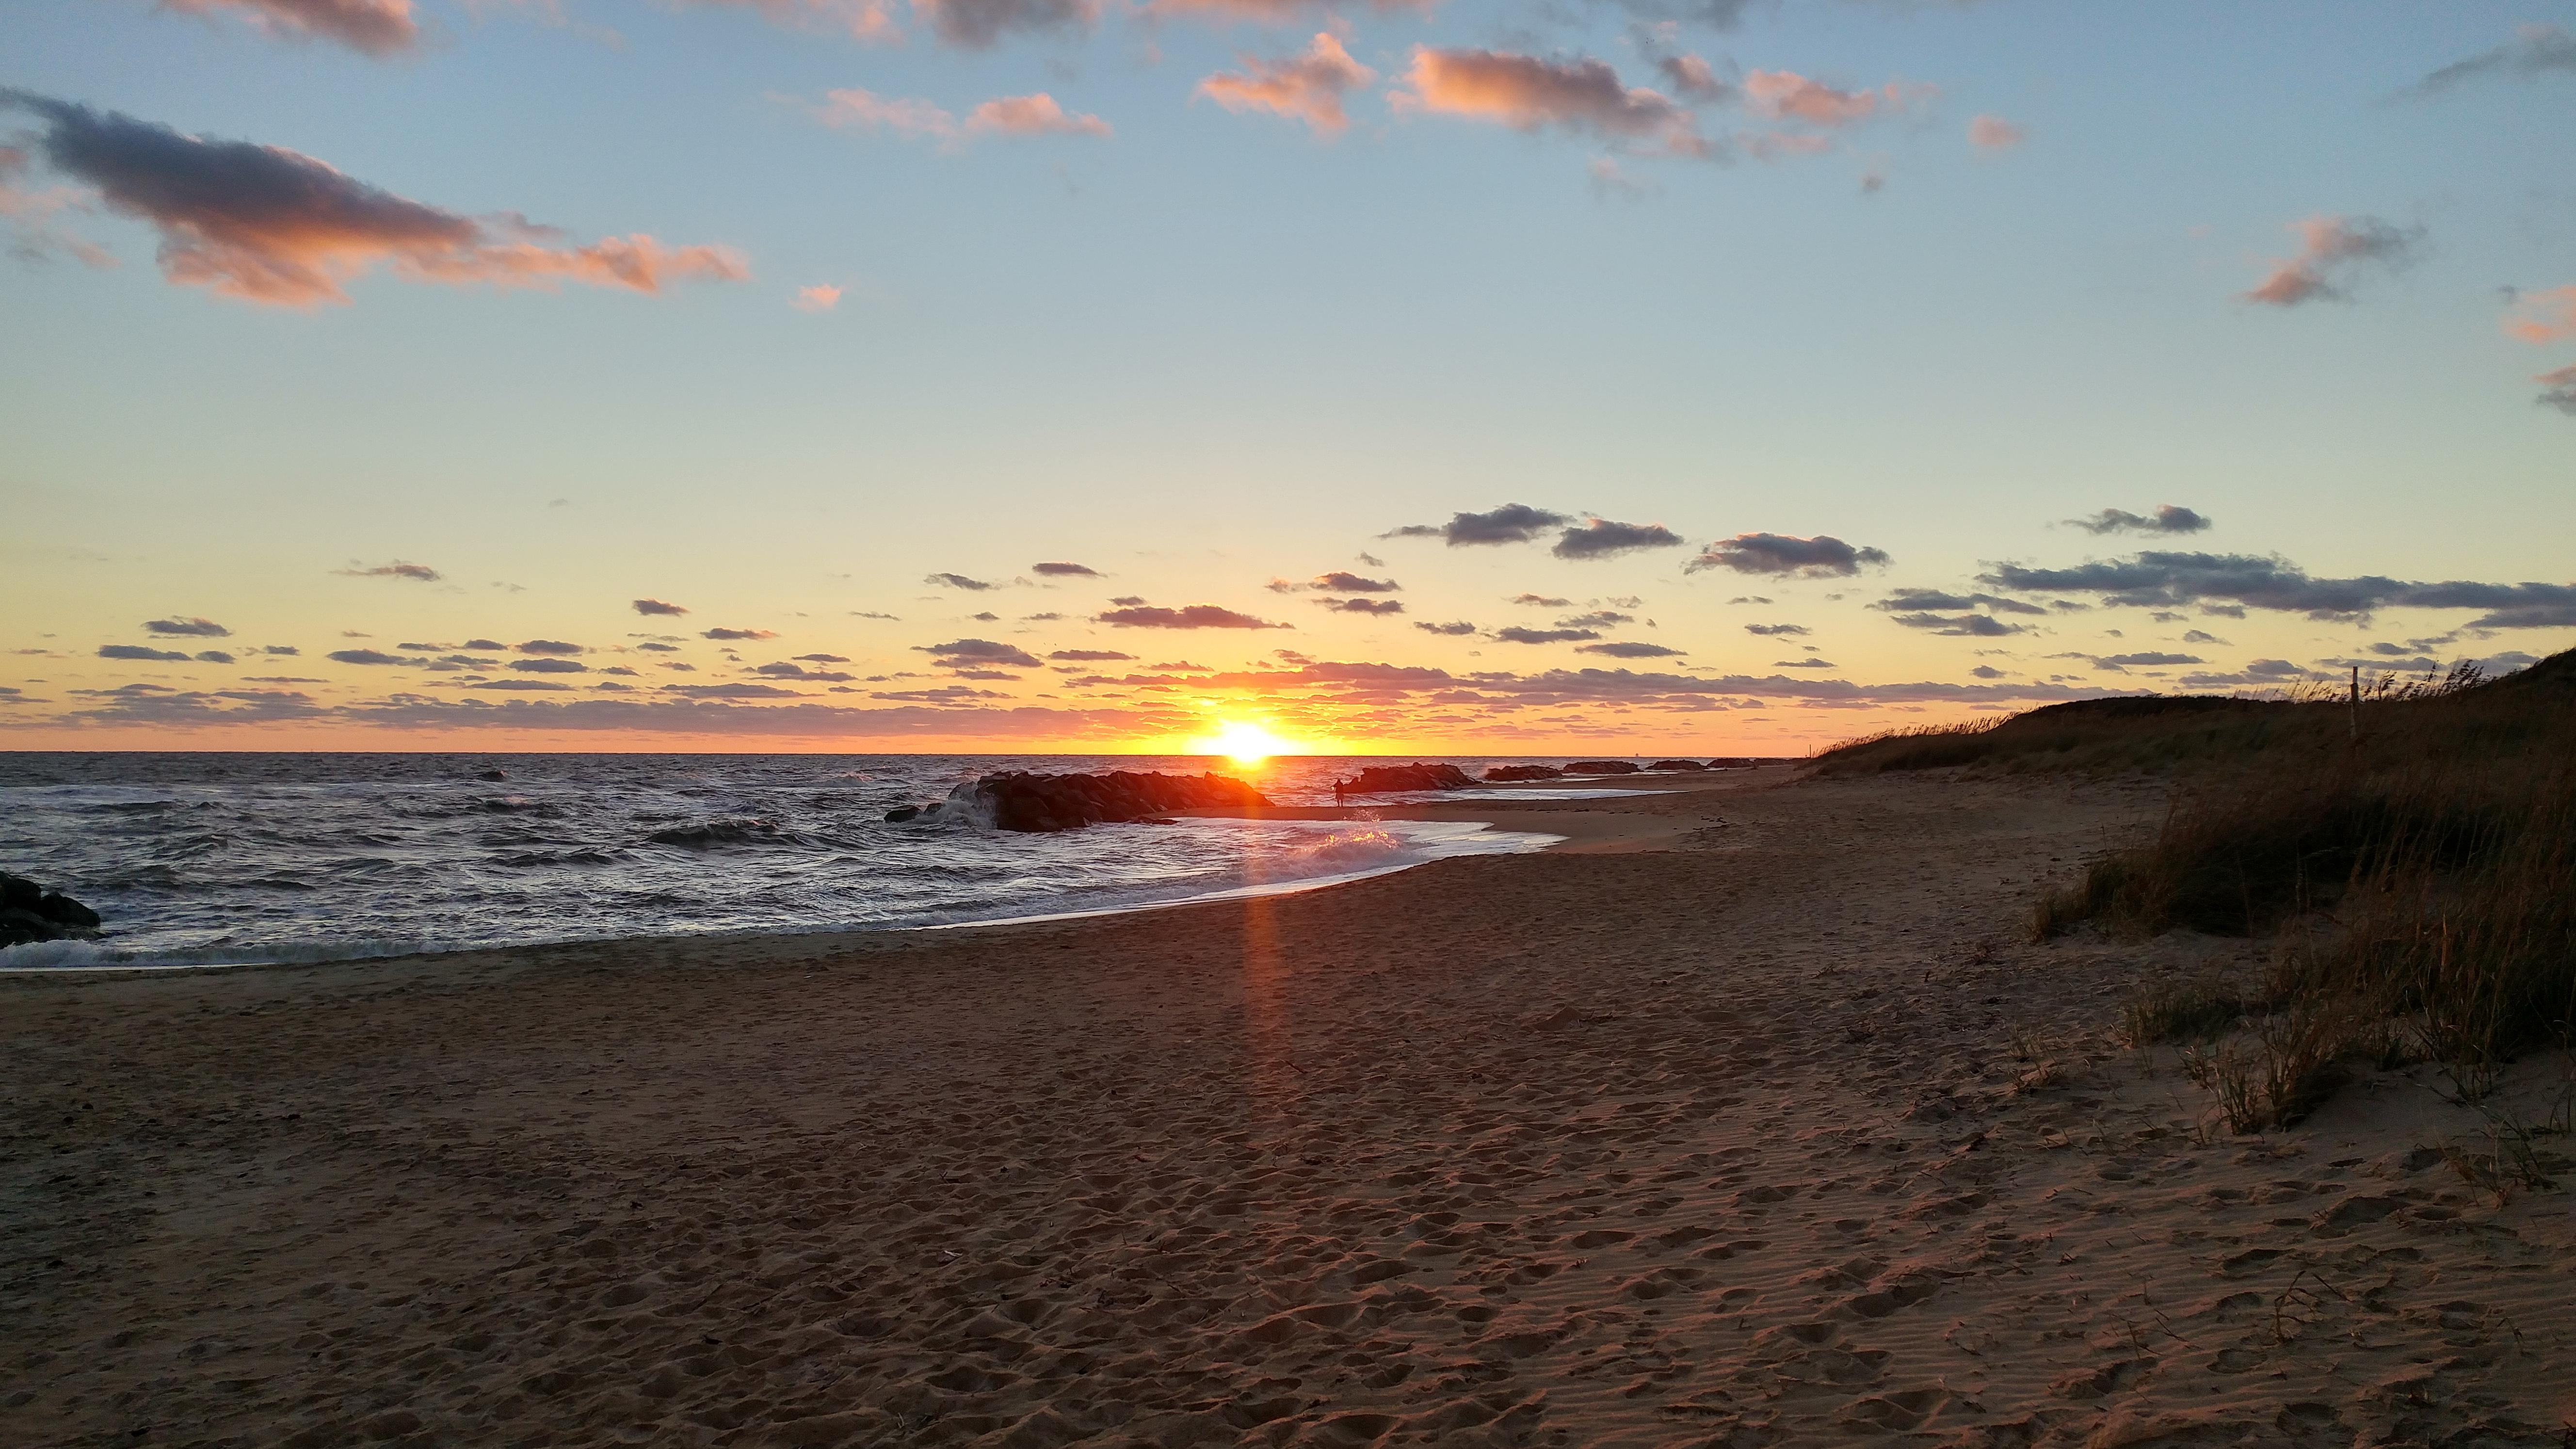 Wallpaper : beach, sunrise, Virginia Beach 5312x2988 ...